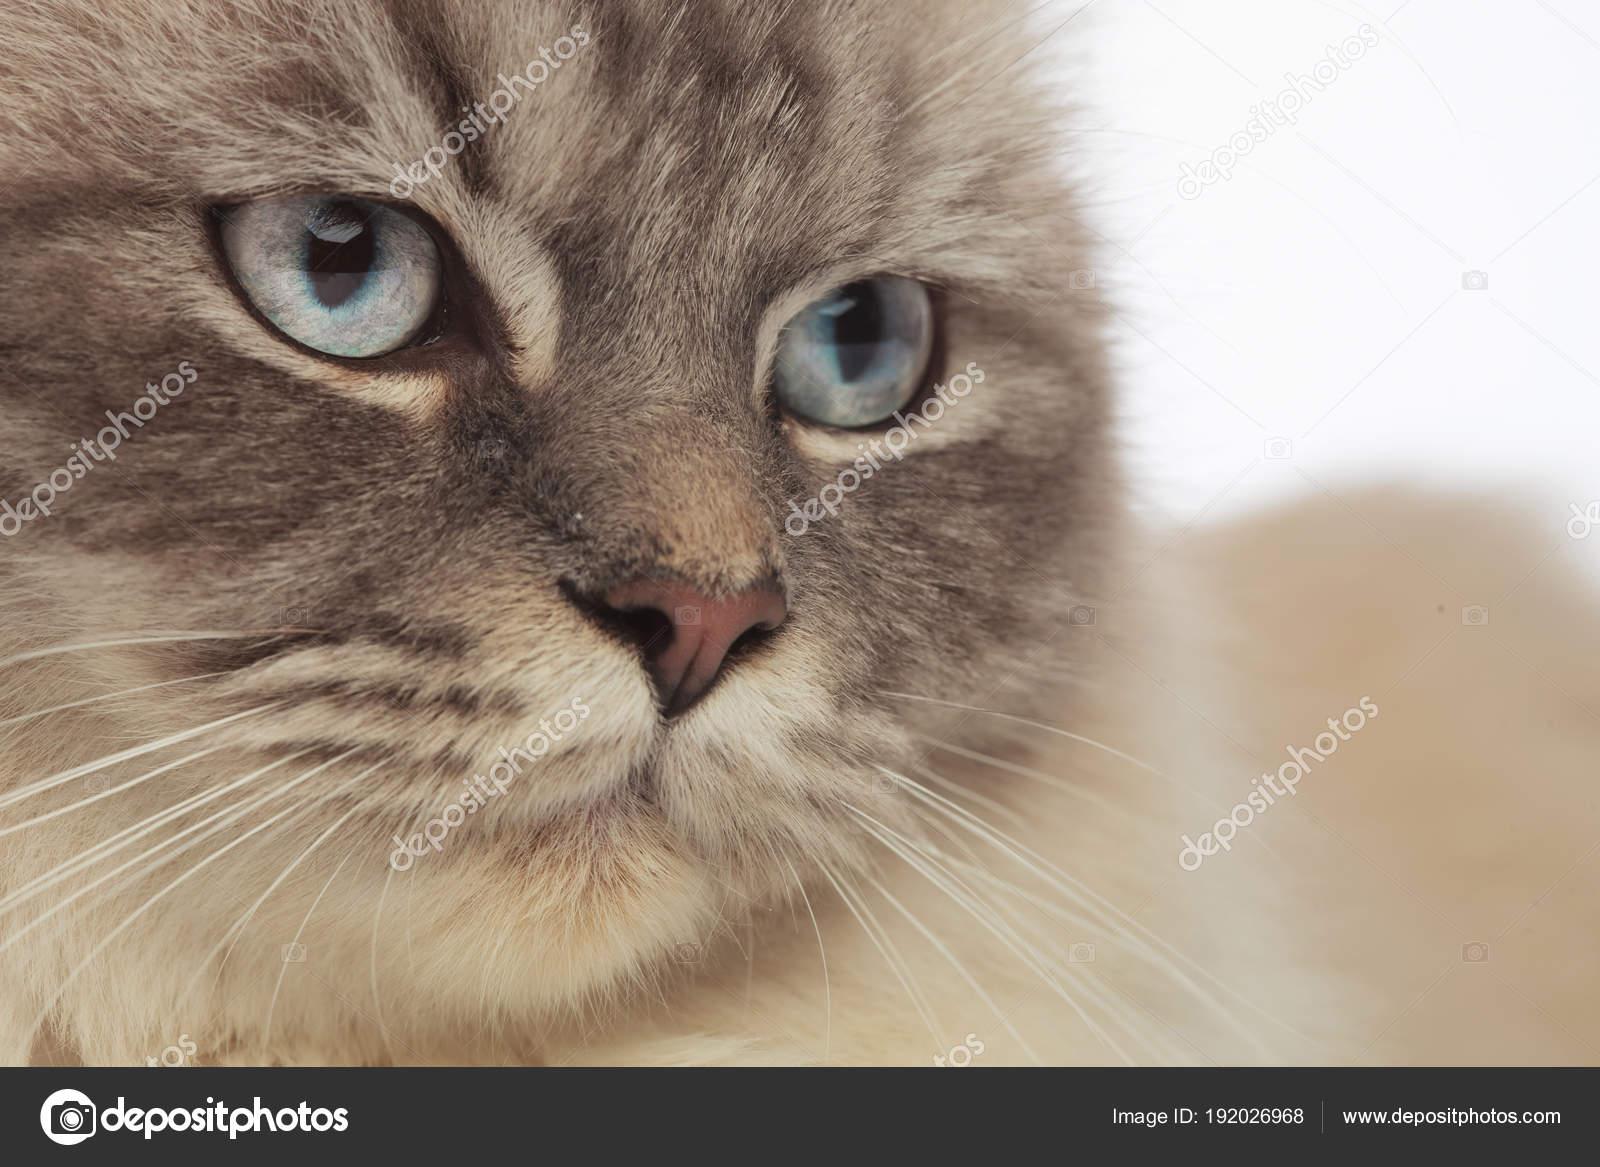 Szary Kot Sierściowej Głowy Z Niebieskimi Oczami Wygląda Na Stronie